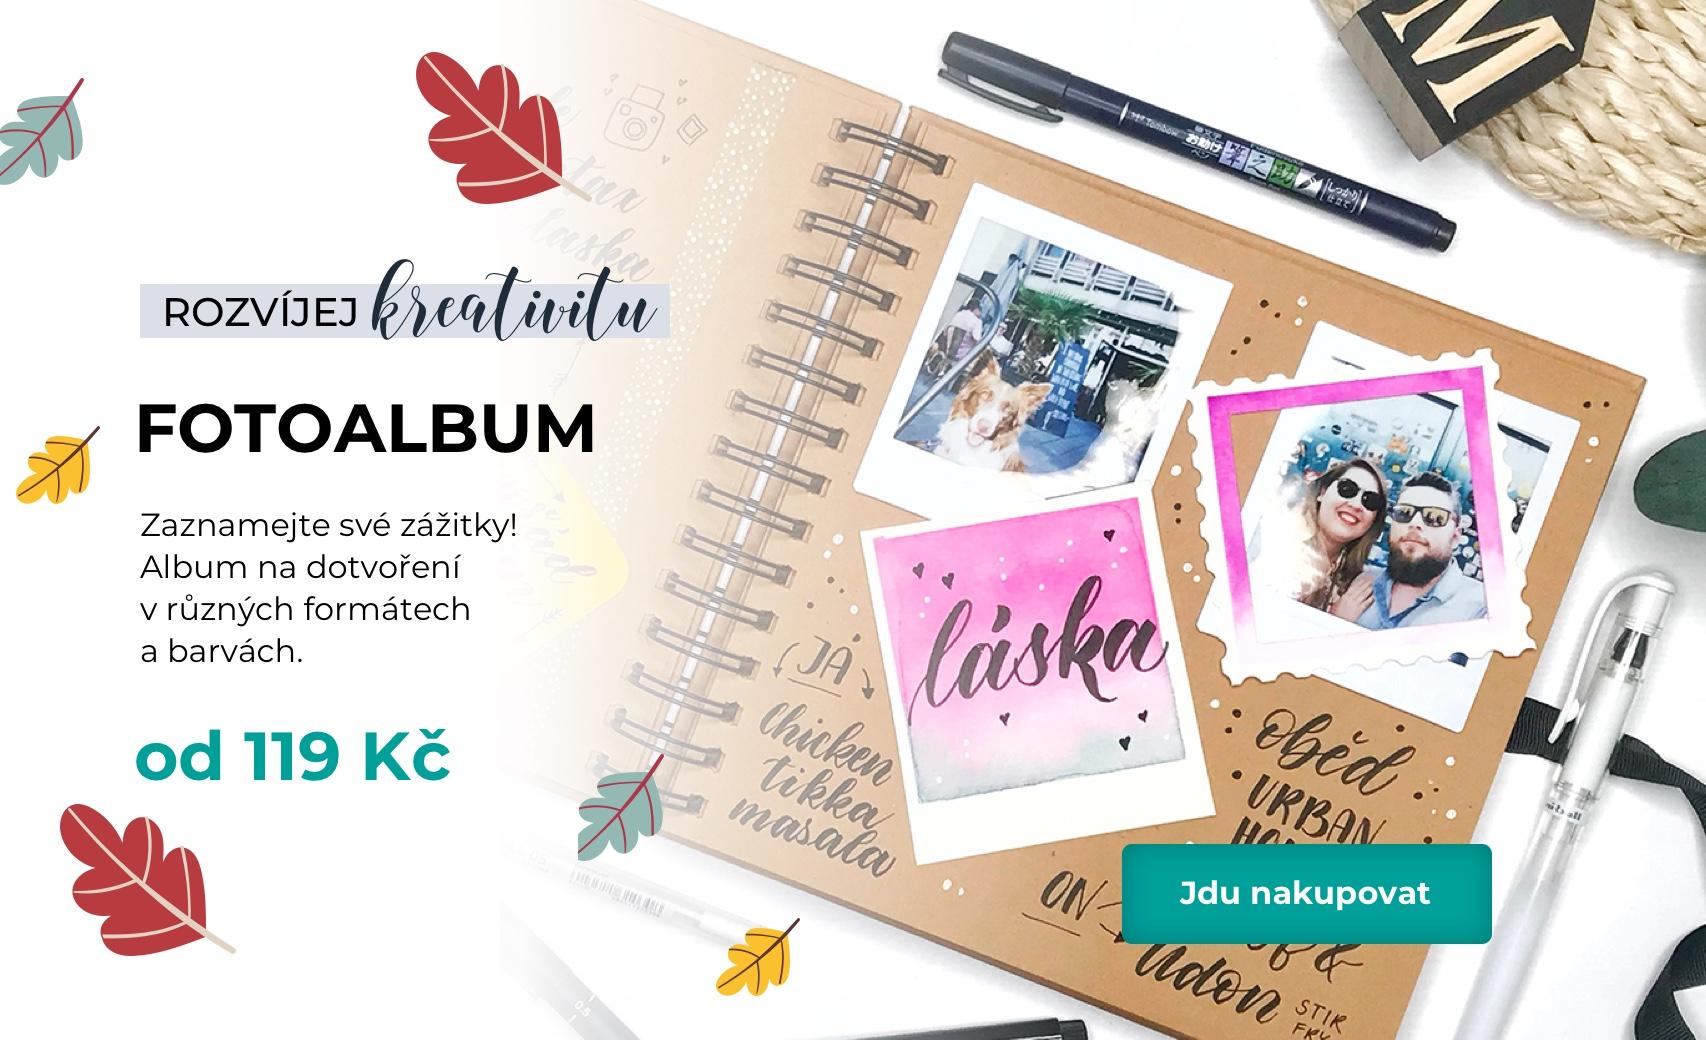 Zaznamejte své zážitky!  Album na dotvoření  v různých formátech a barvách.